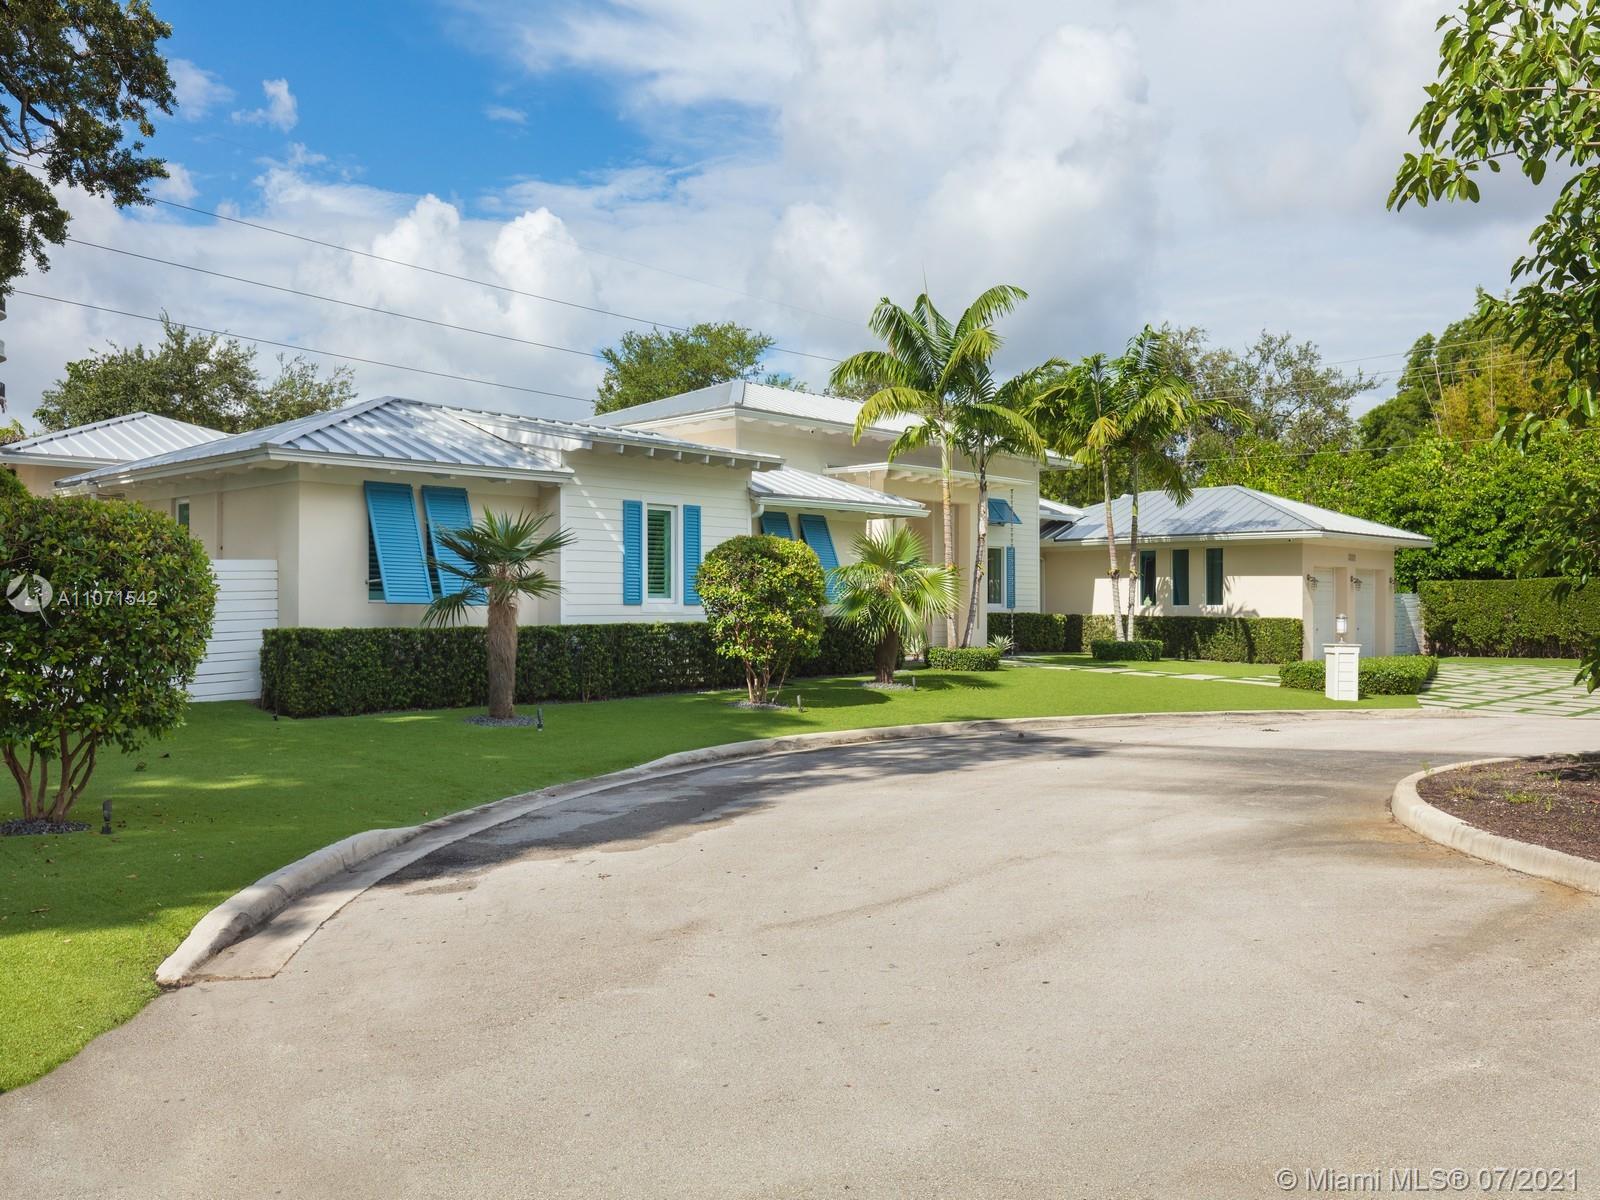 South Miami - 7222 SW 79th Ter, South Miami, FL 33143